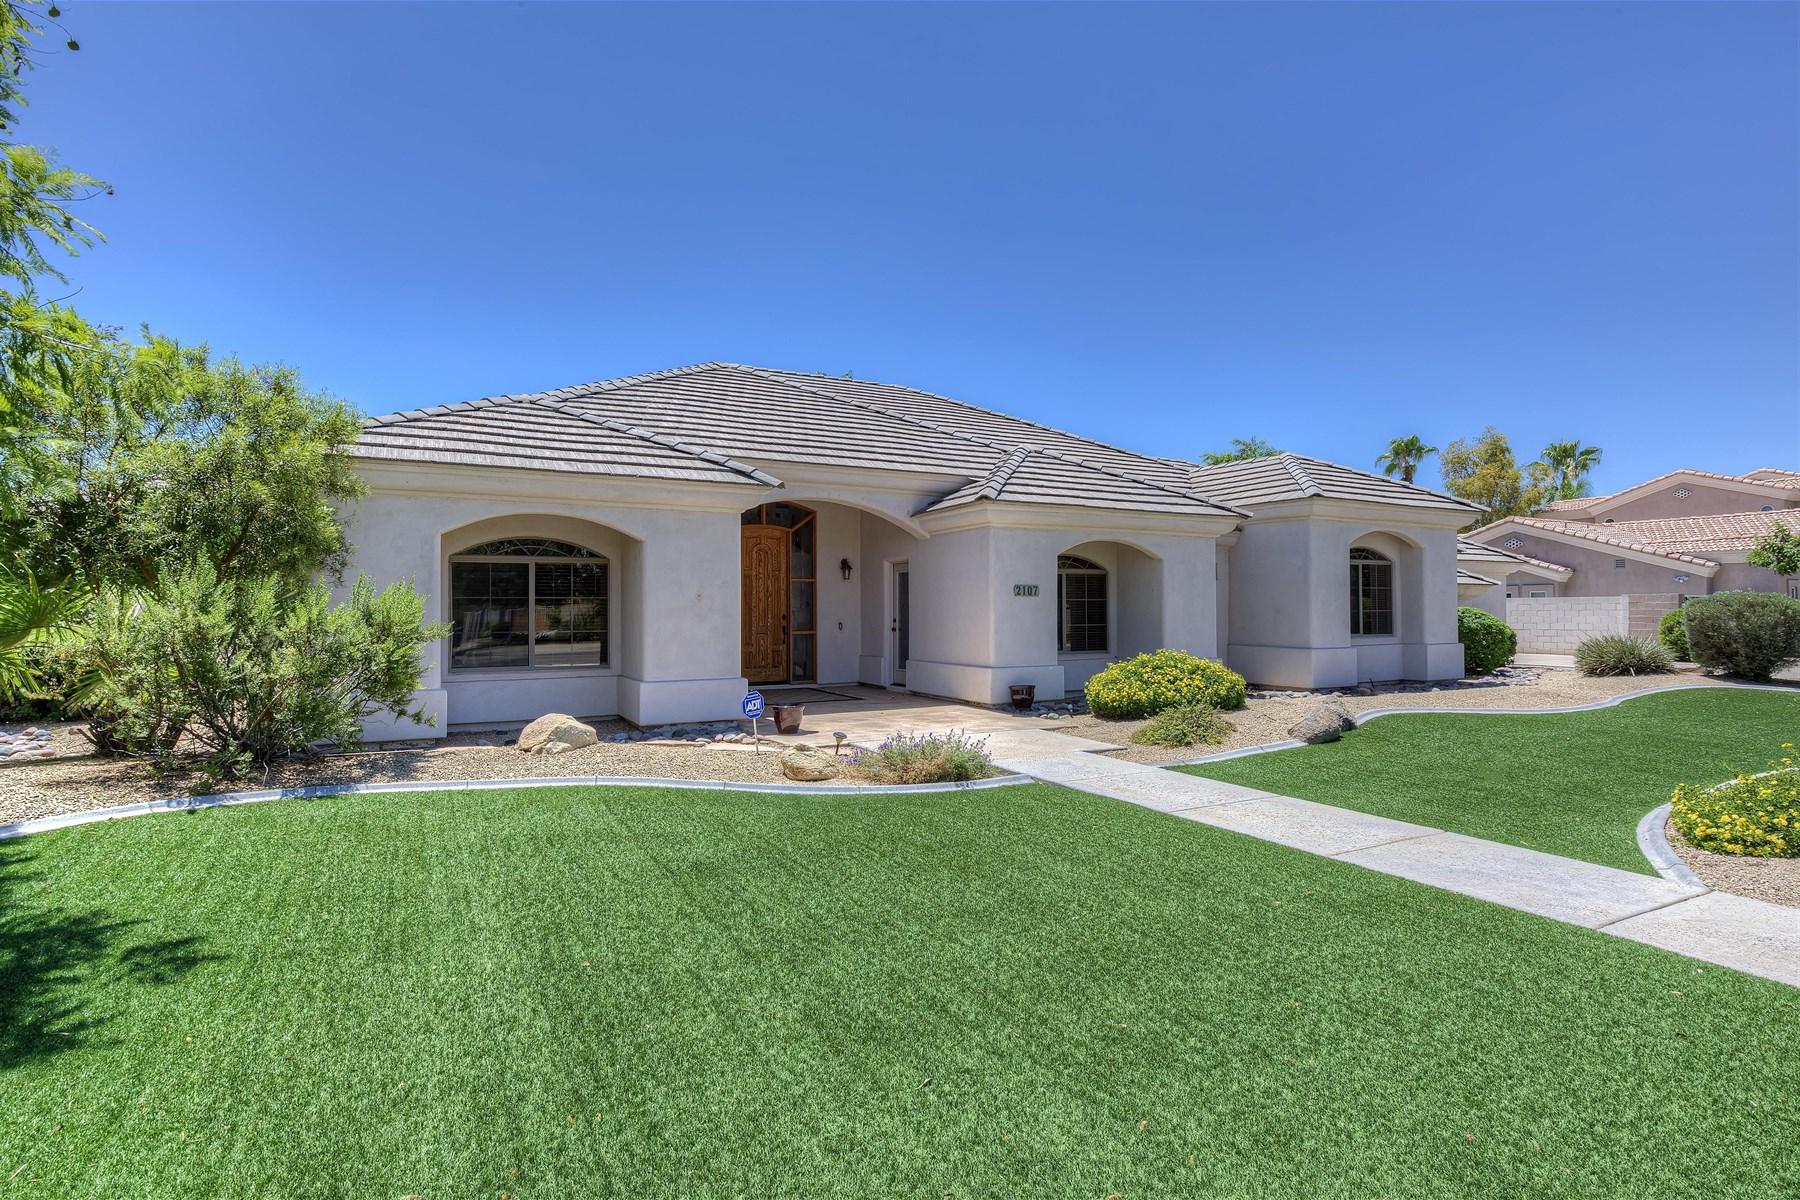 獨棟家庭住宅 為 出售 在 Easy living in the much sought after Groves of Hermosa Vista neighborhood. 2107 E NORWOOD ST Mesa, 亞利桑那州 85213 美國